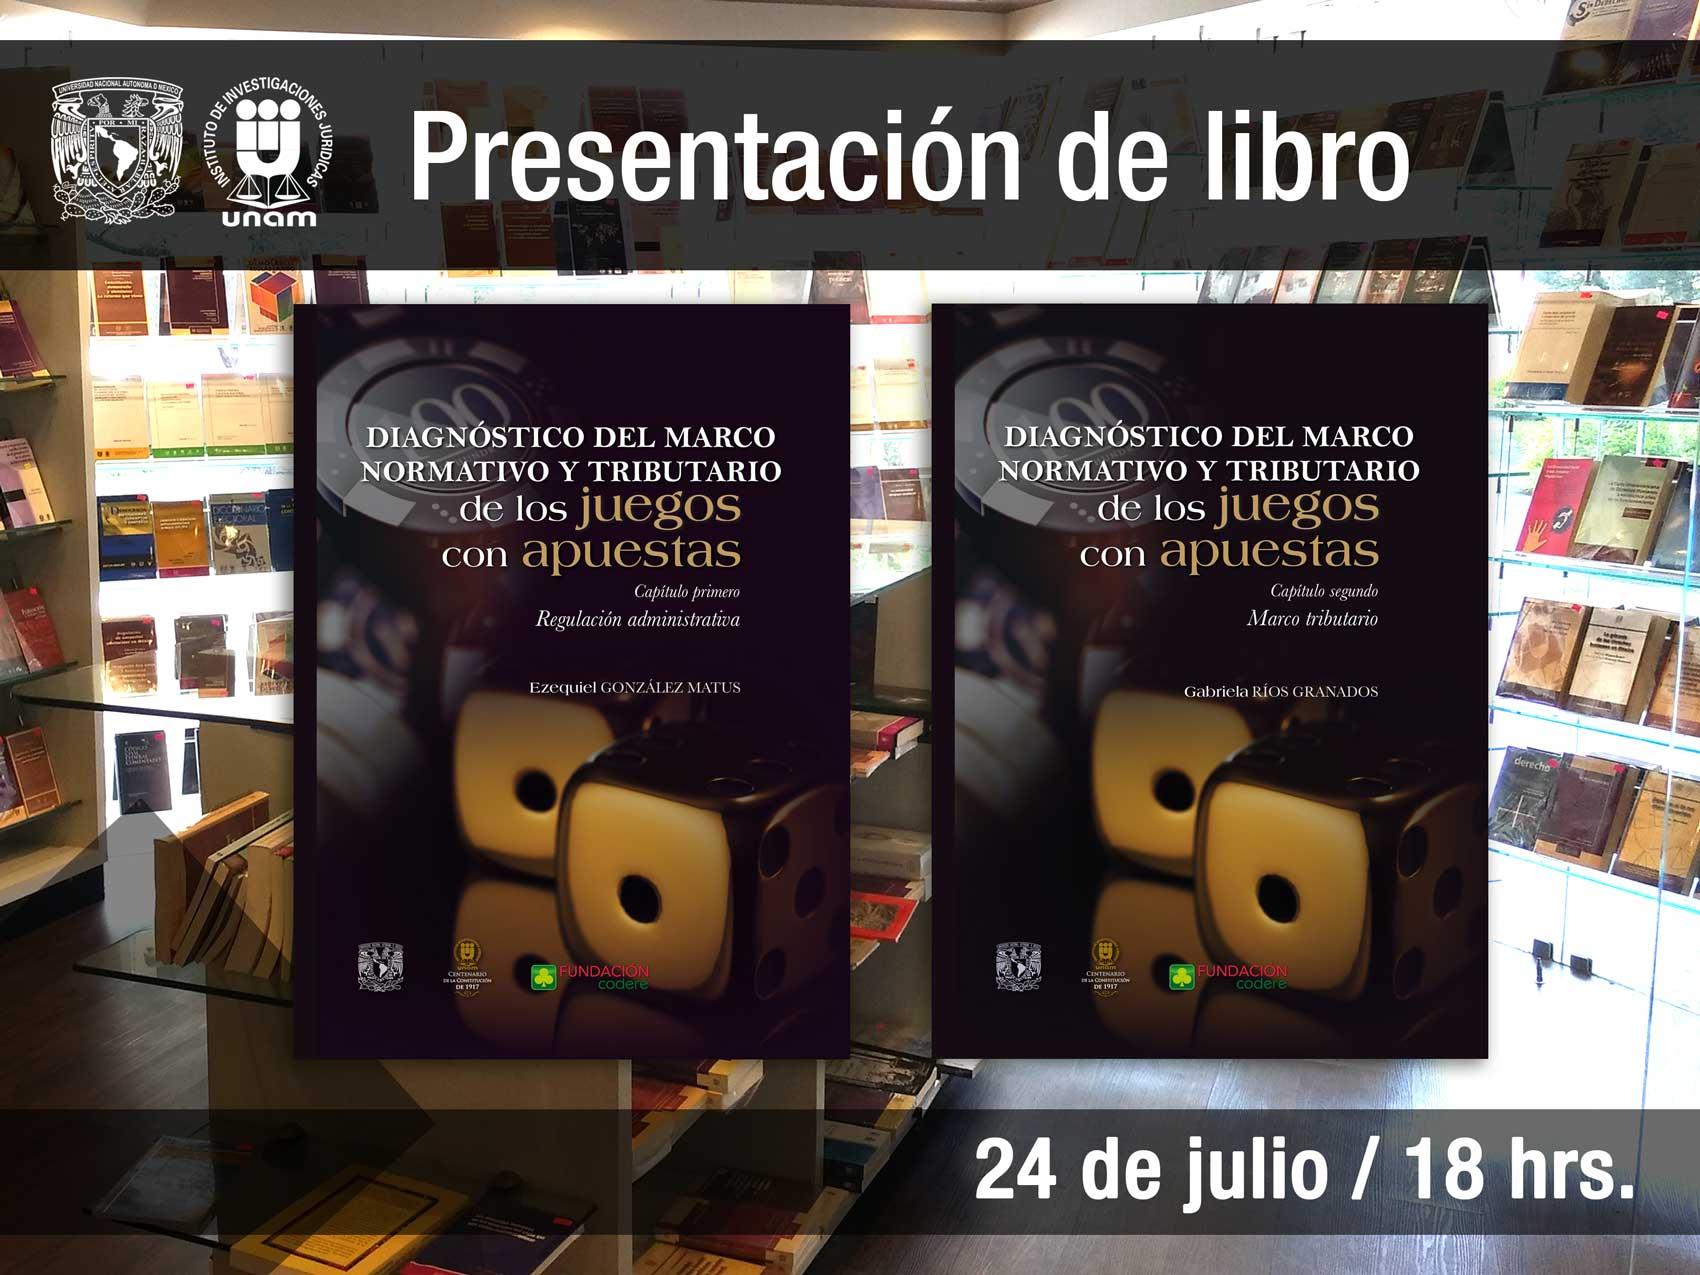 Diagnóstico del marco Normativo y Tributario de los juegos con apuestas. Capítulo I y II